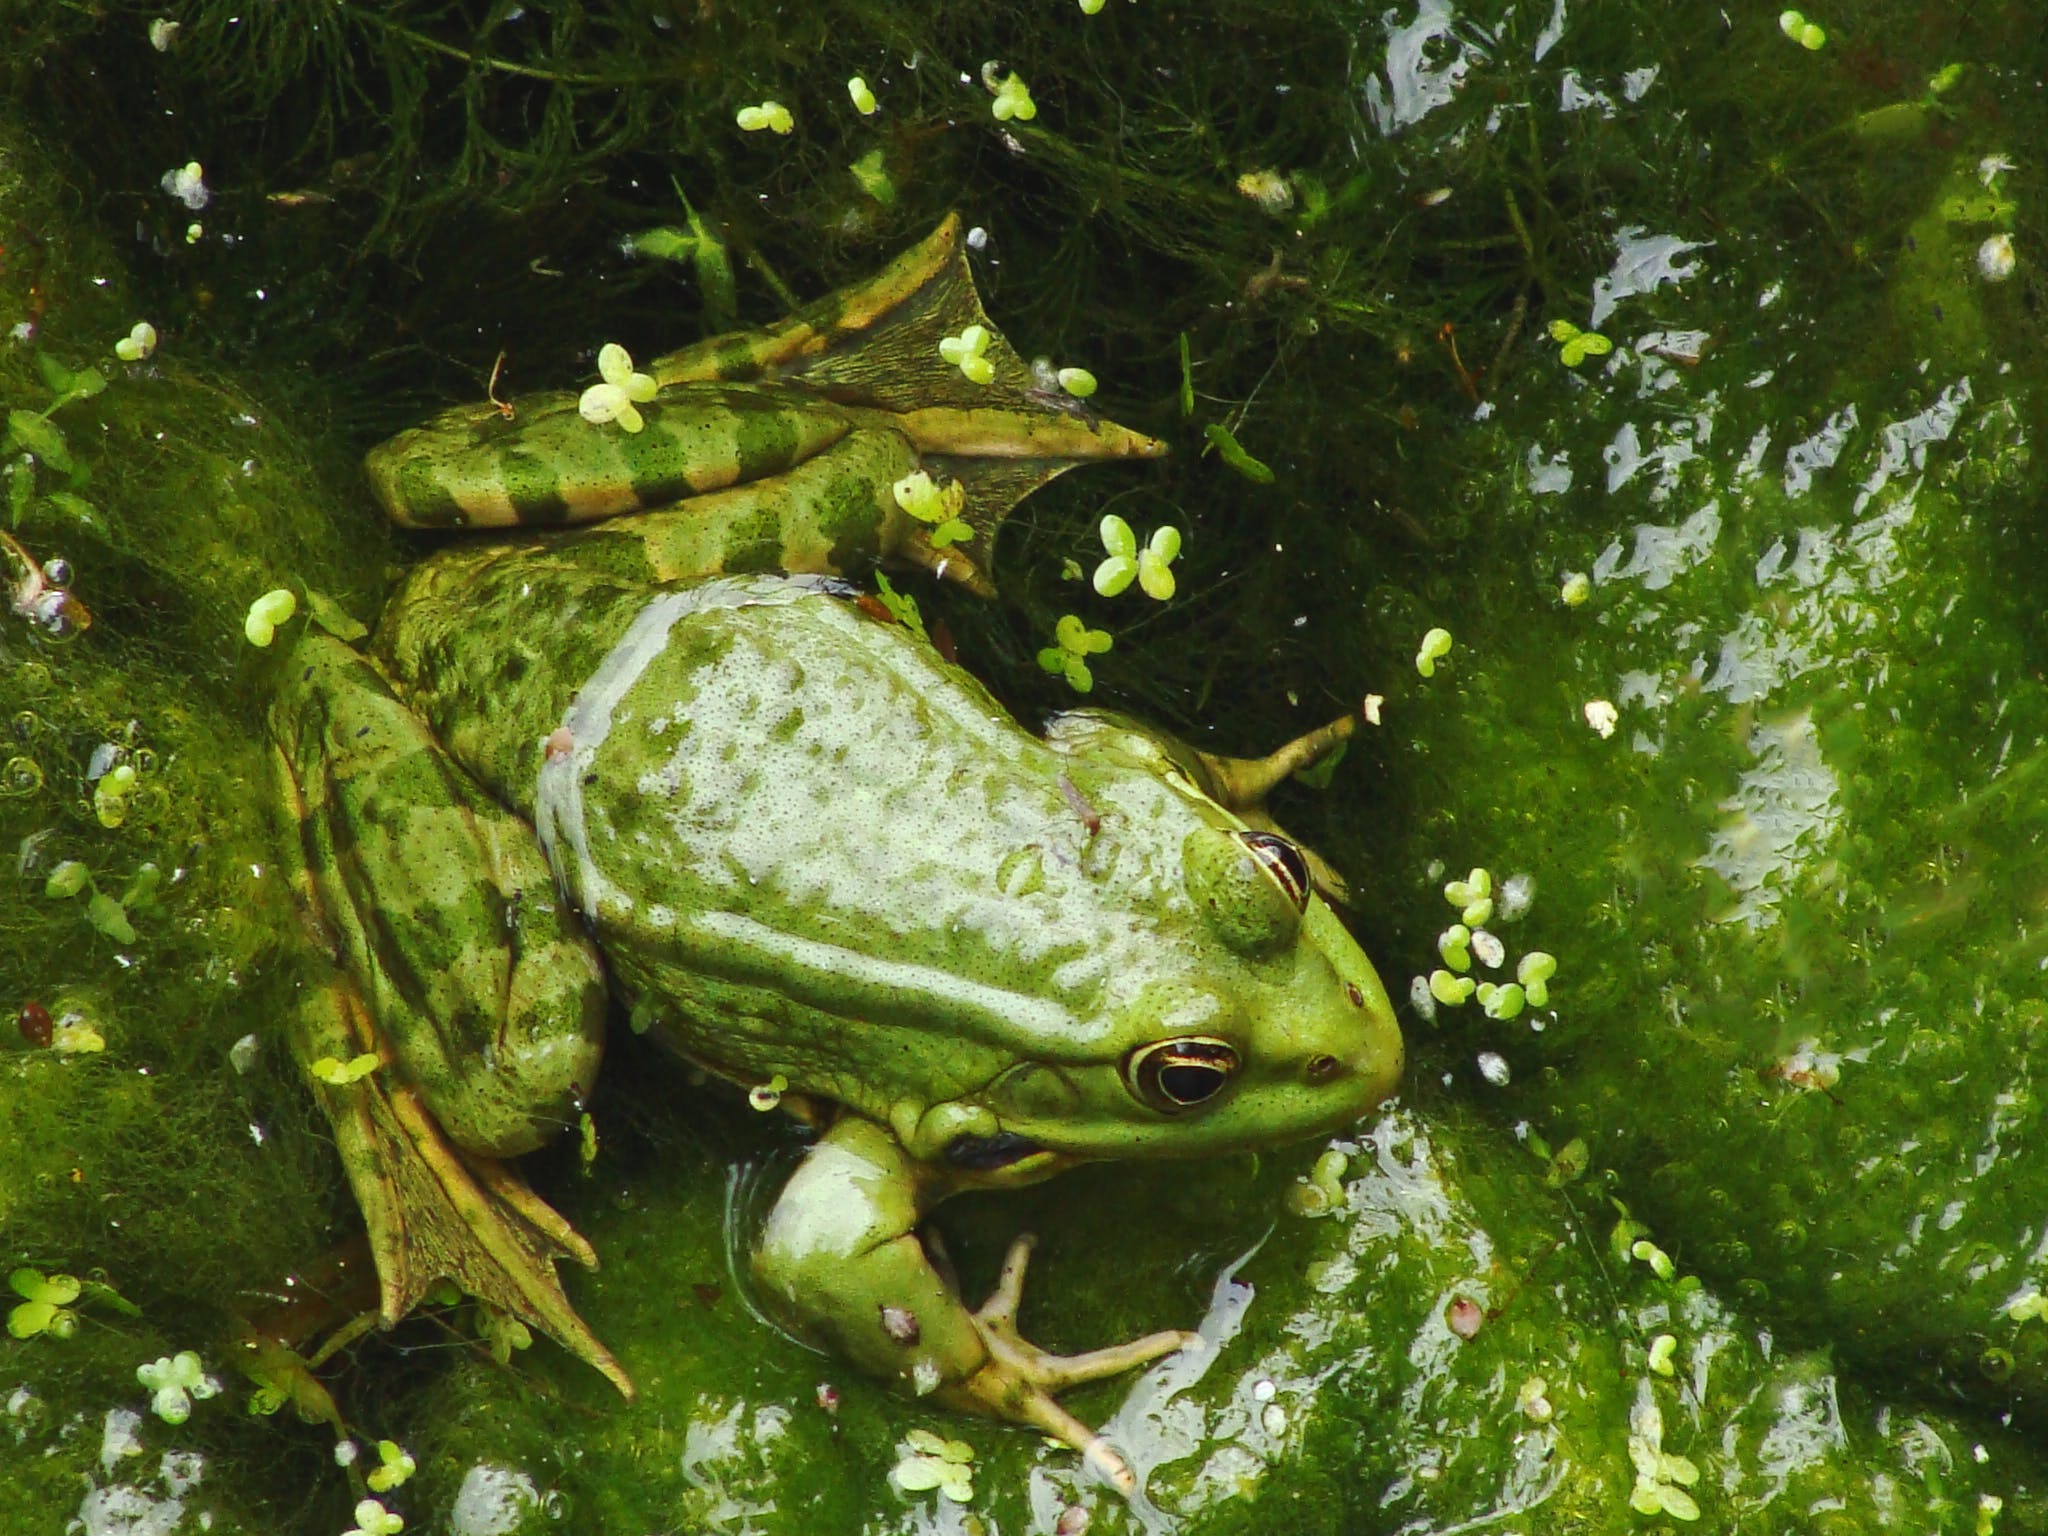 Kostenloses Stock Foto zu amphibie, frosch, grün, nahansicht